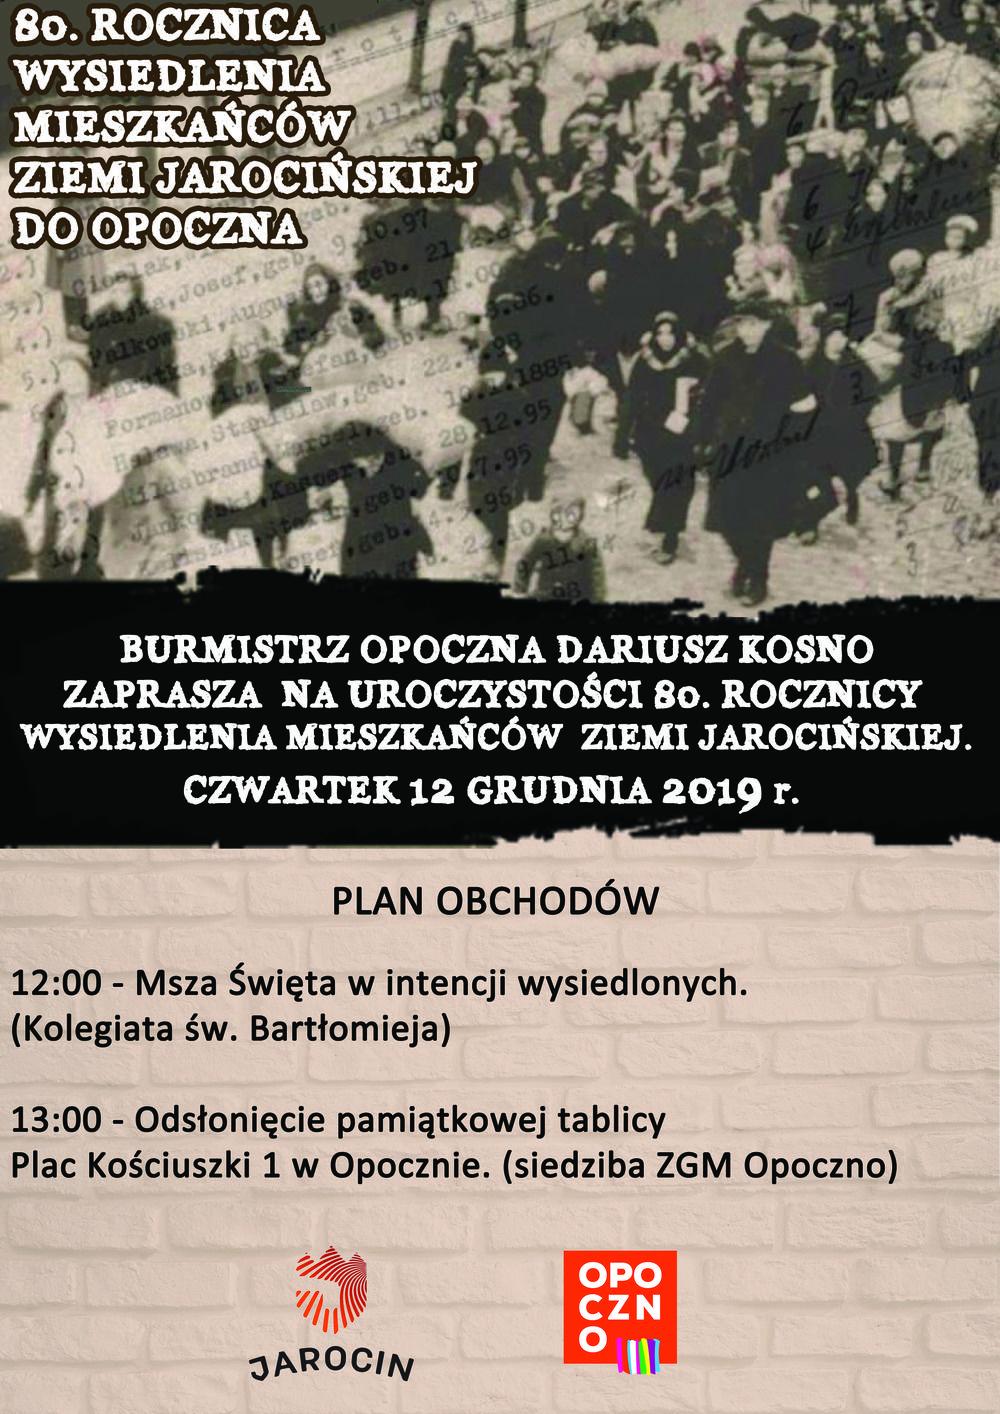 80. rocznicy wysiedlenia mieszkańców Ziemi Jarocińskiej do Opoczna